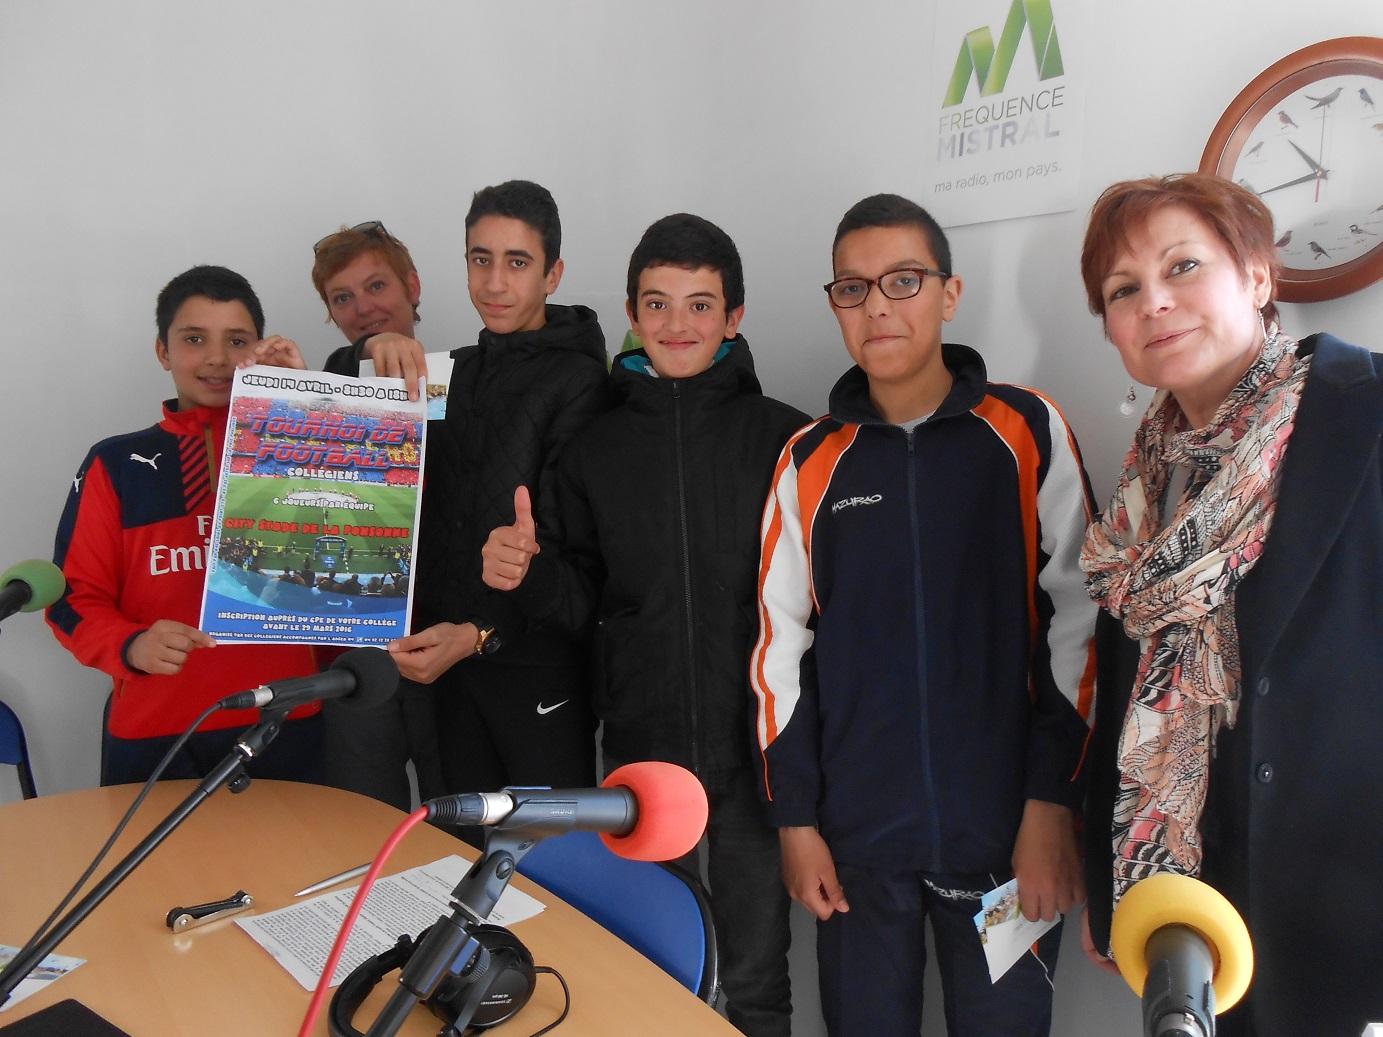 La jeunesse Manosquine organise un tournoi de football.